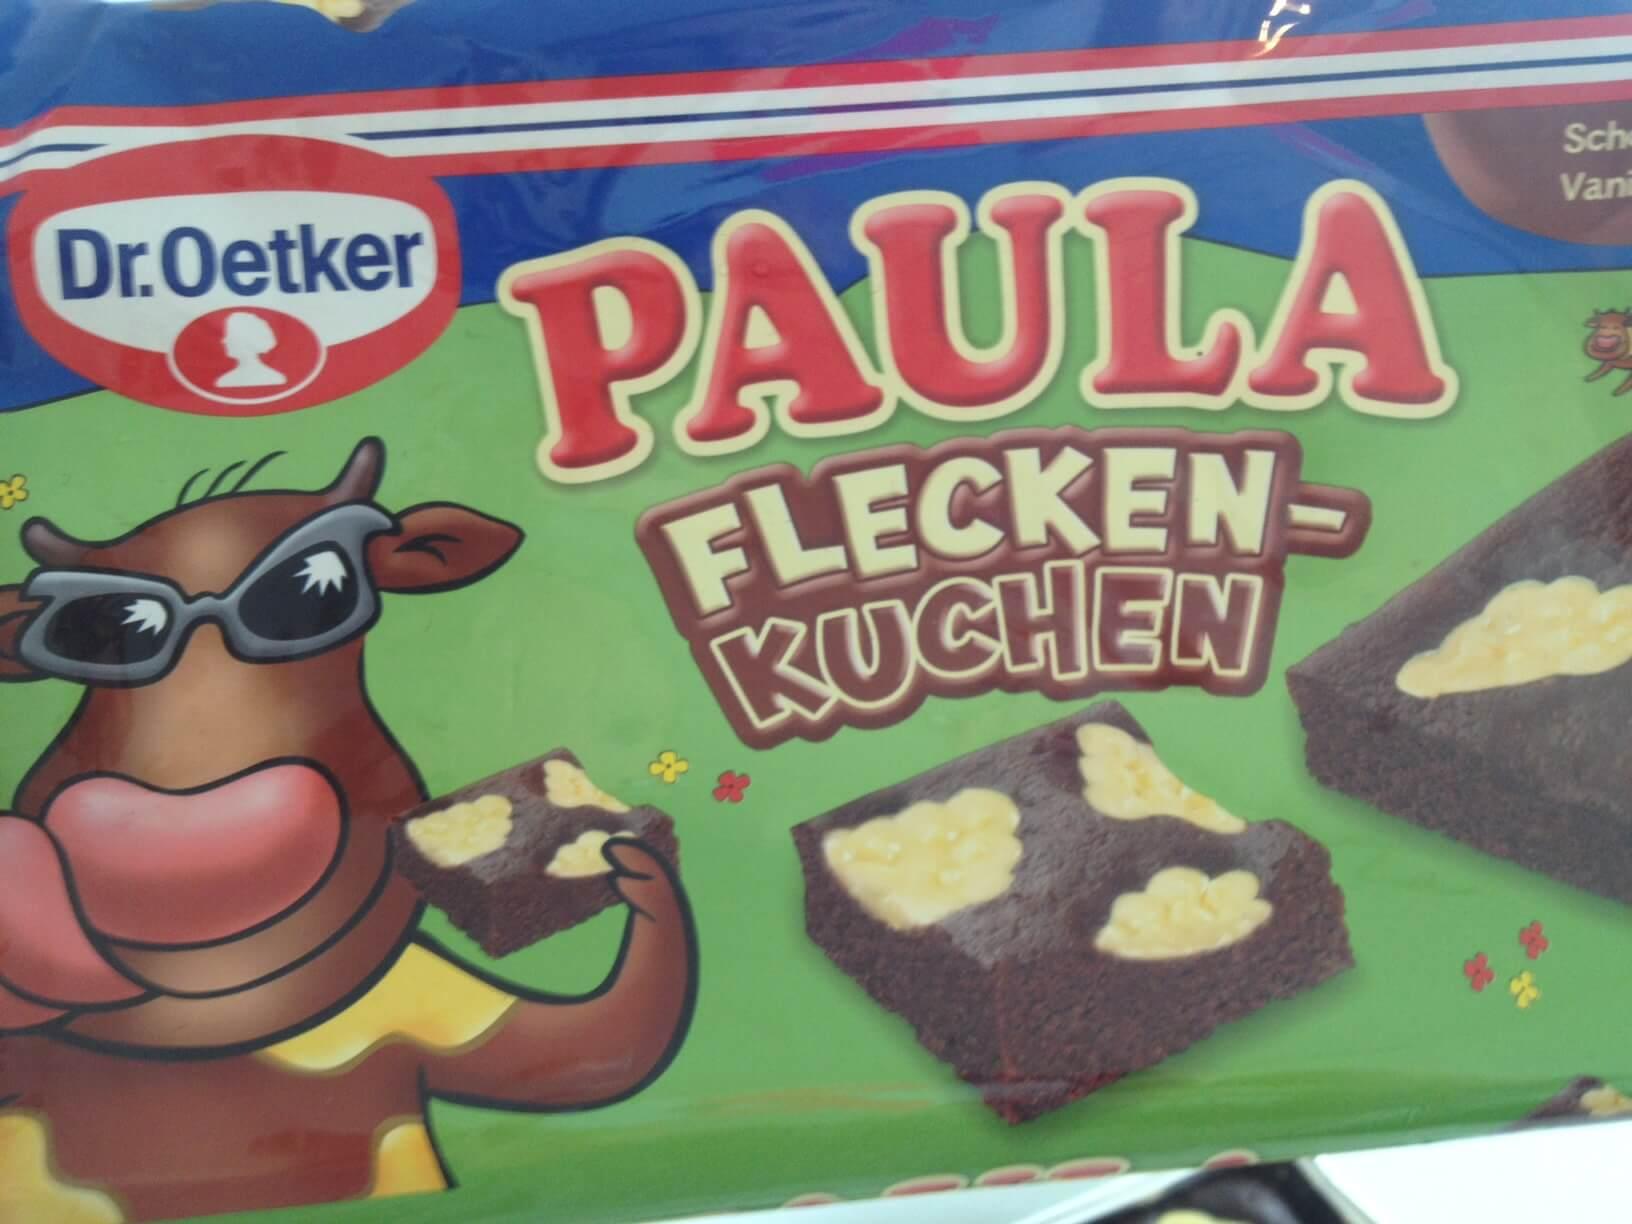 Paula Fleckenkuchen Im Test Testerschwester